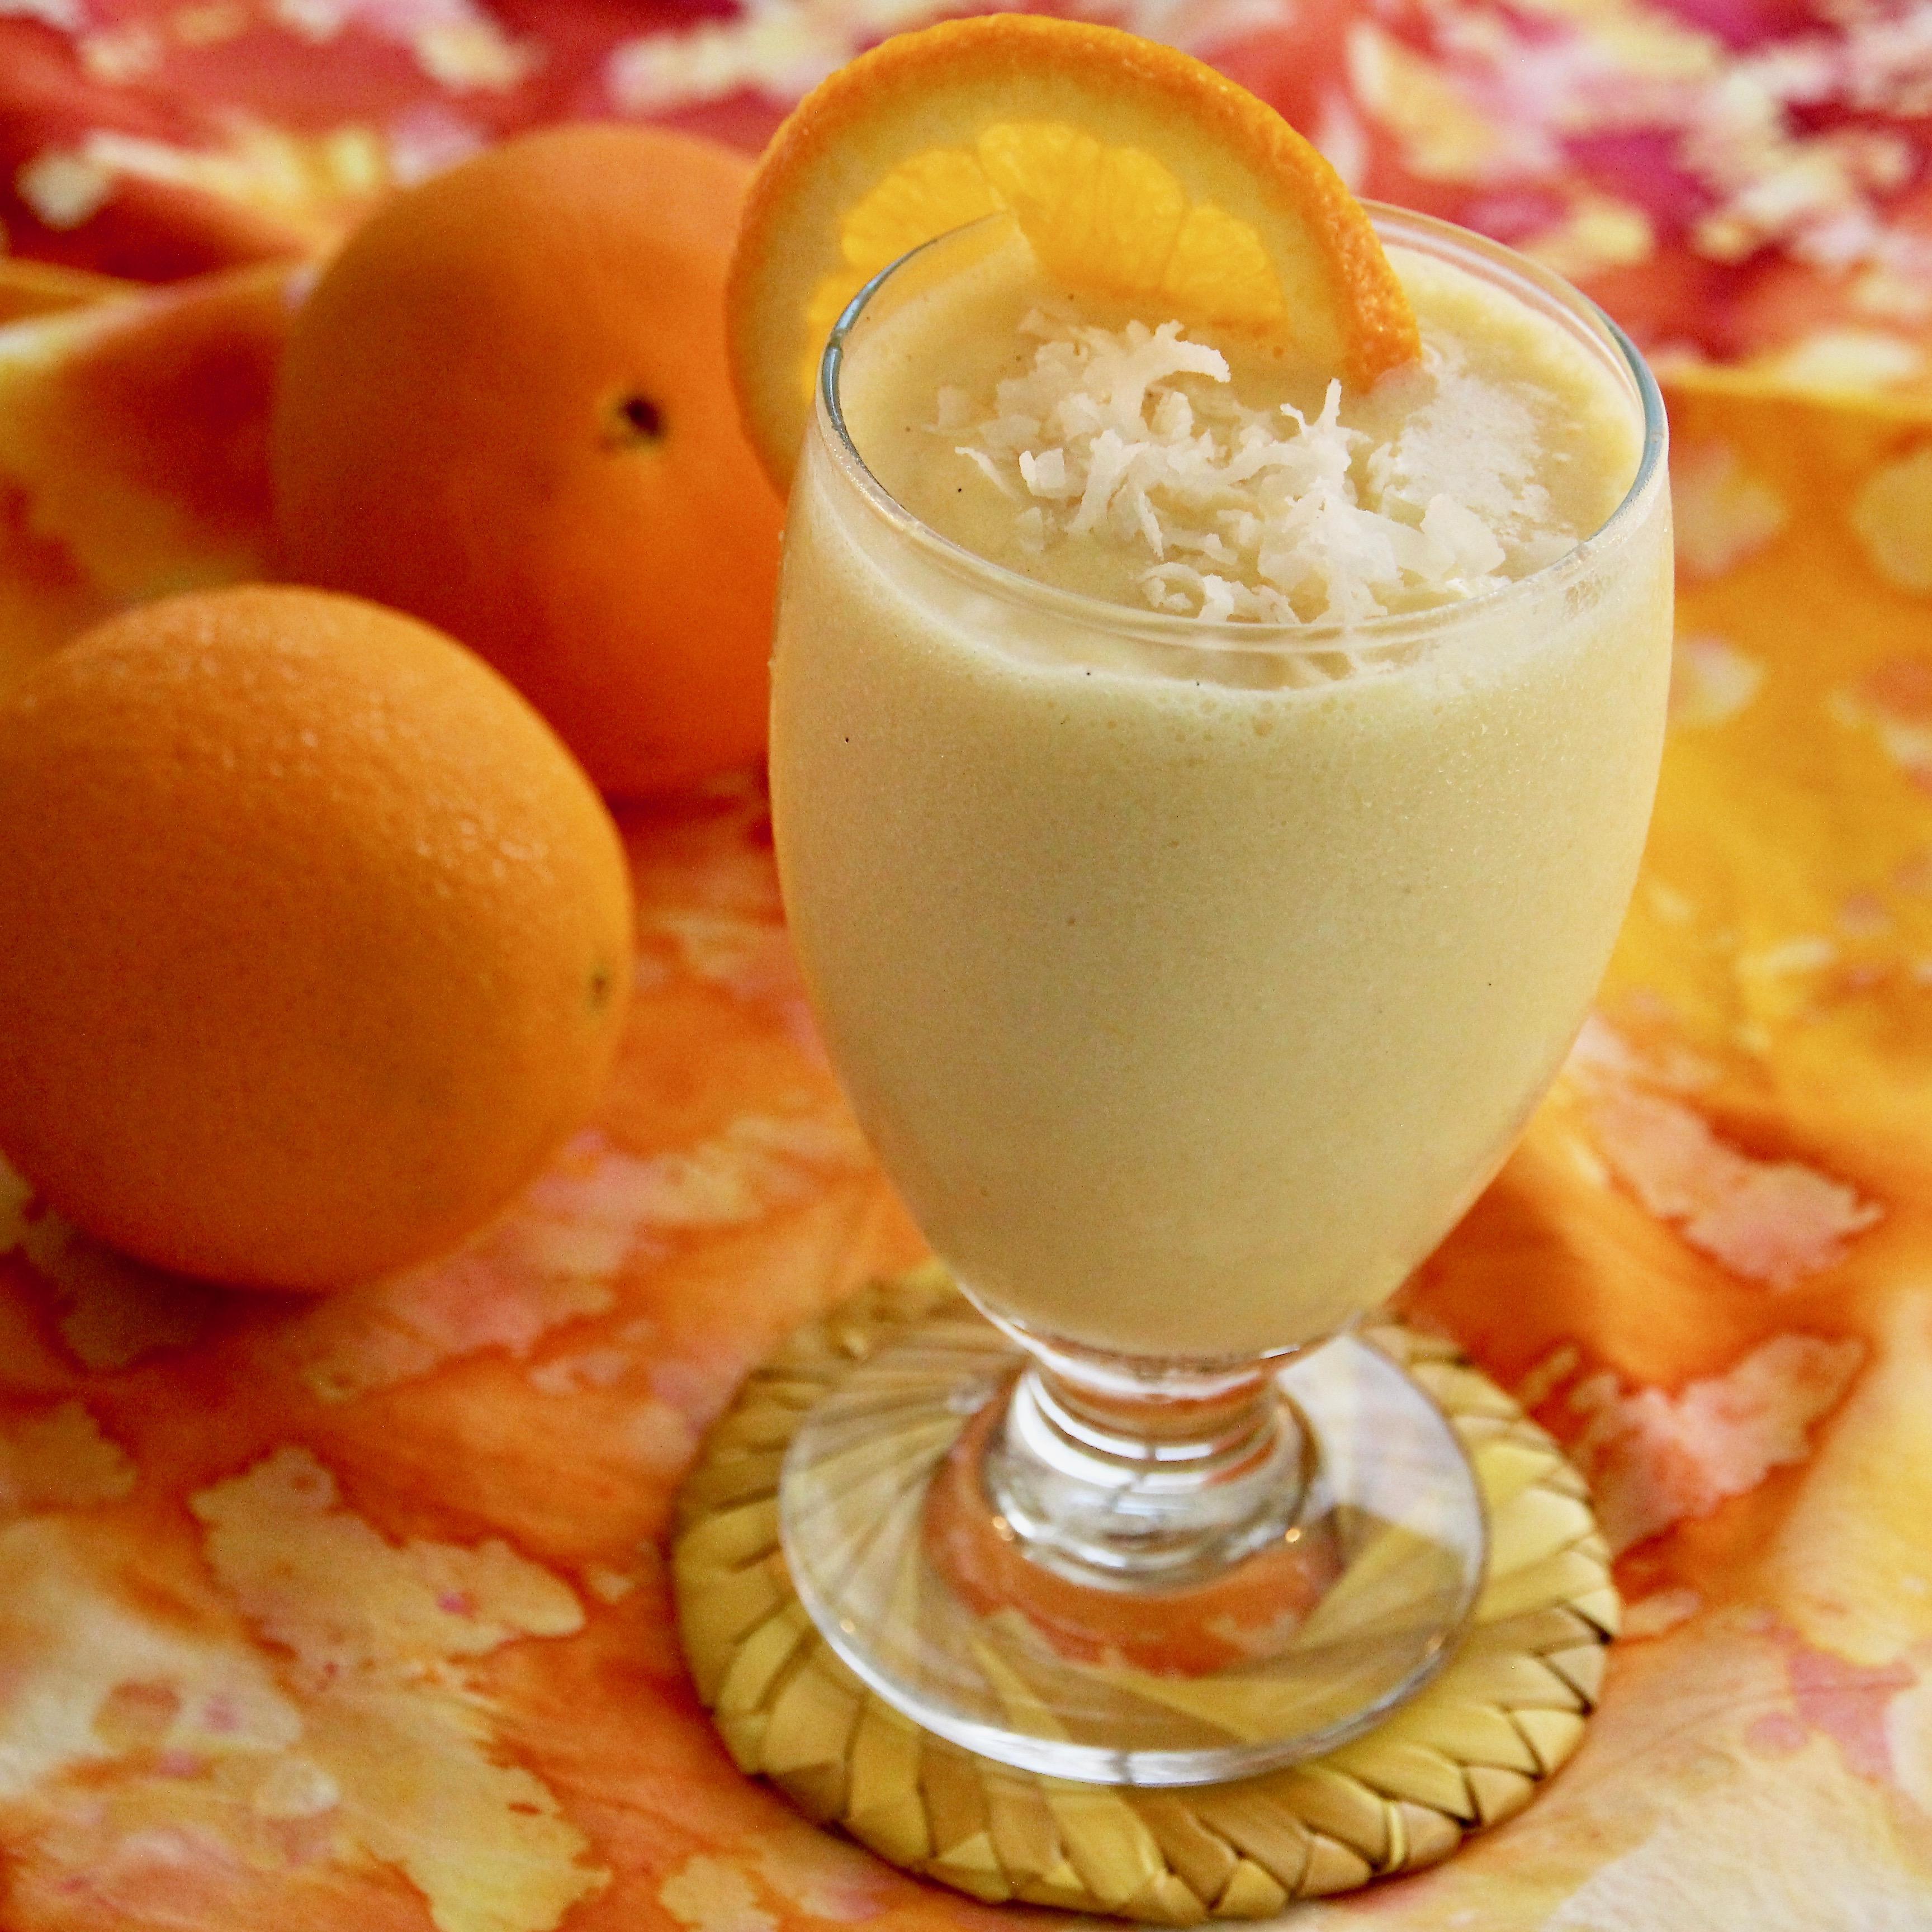 Creamy Orange-Coconut Smoothie